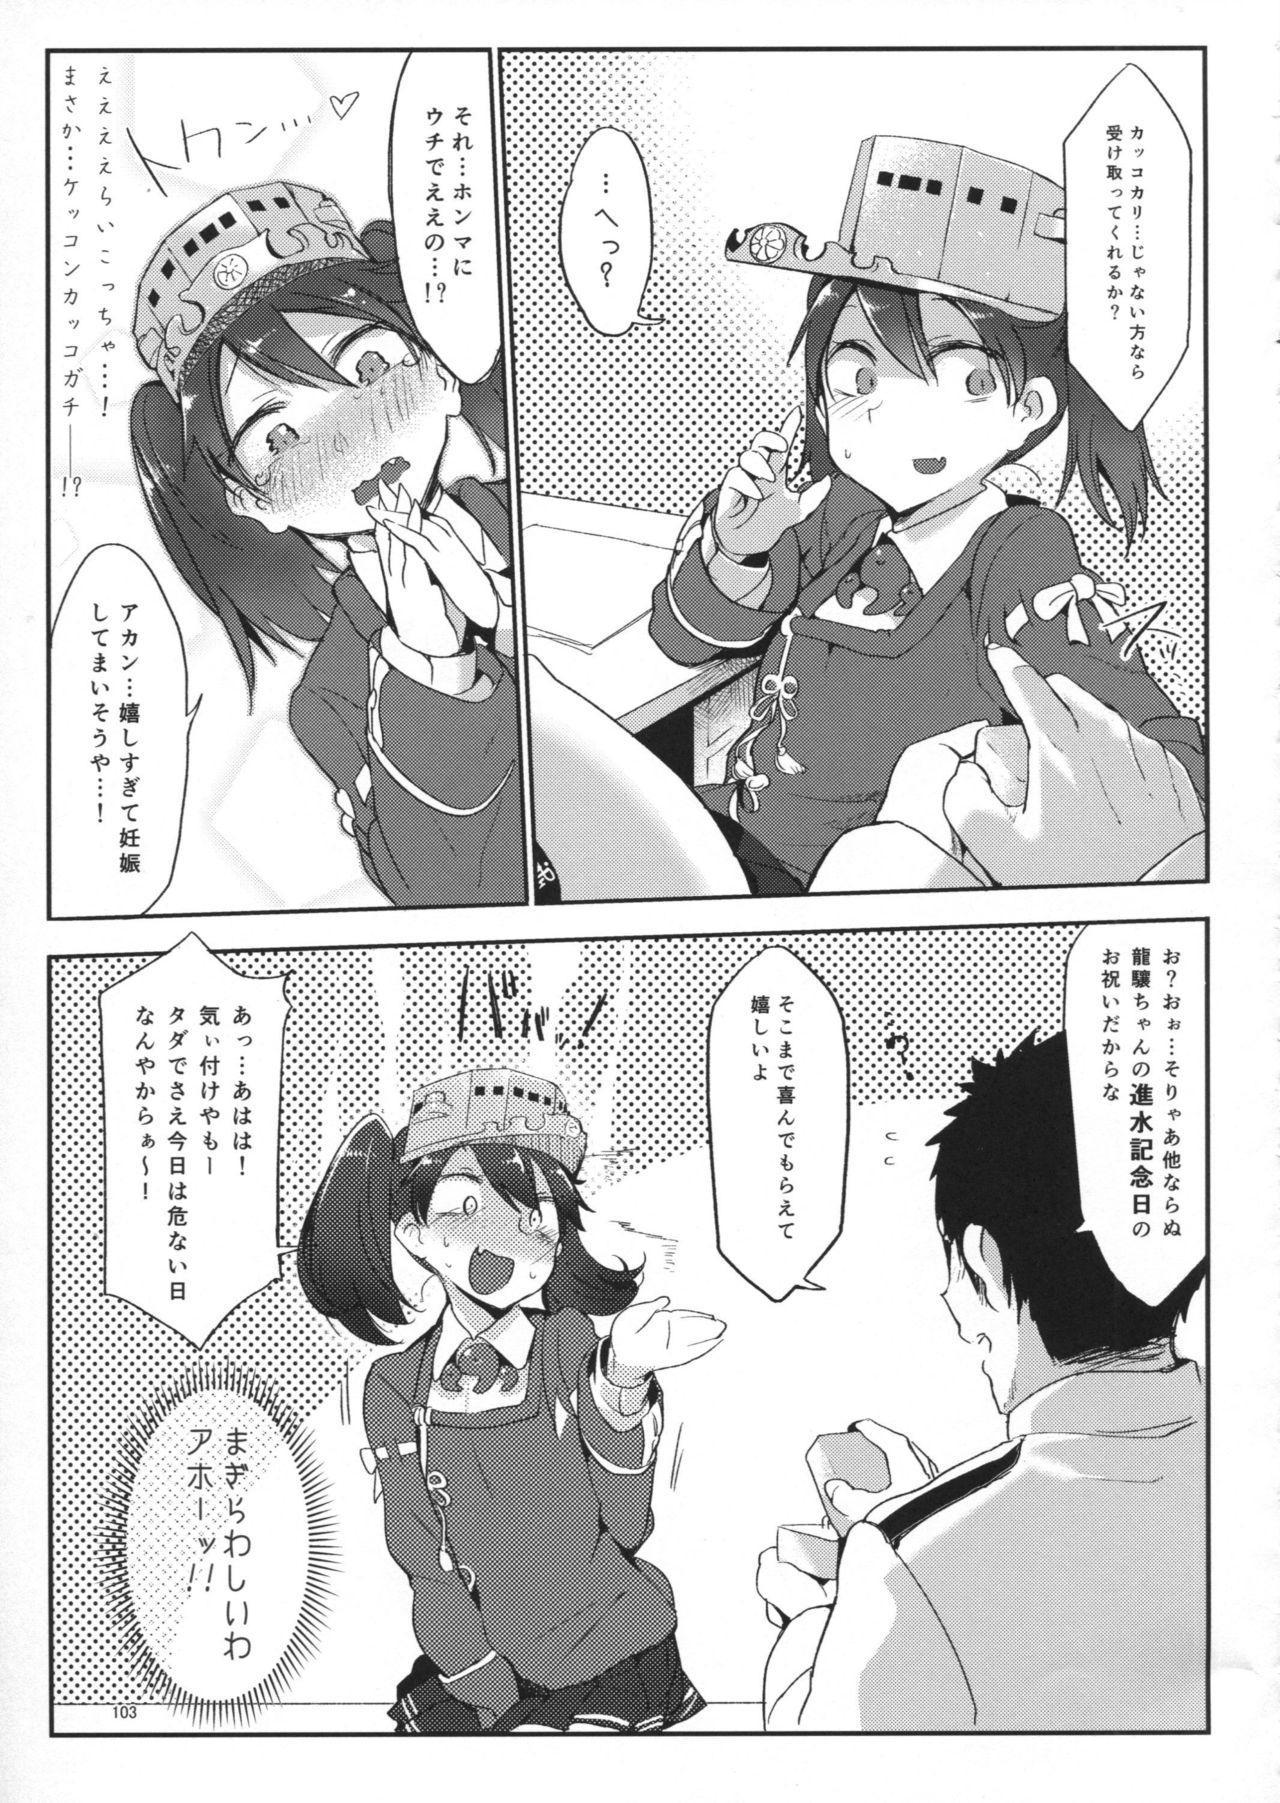 Hentai Selection 101